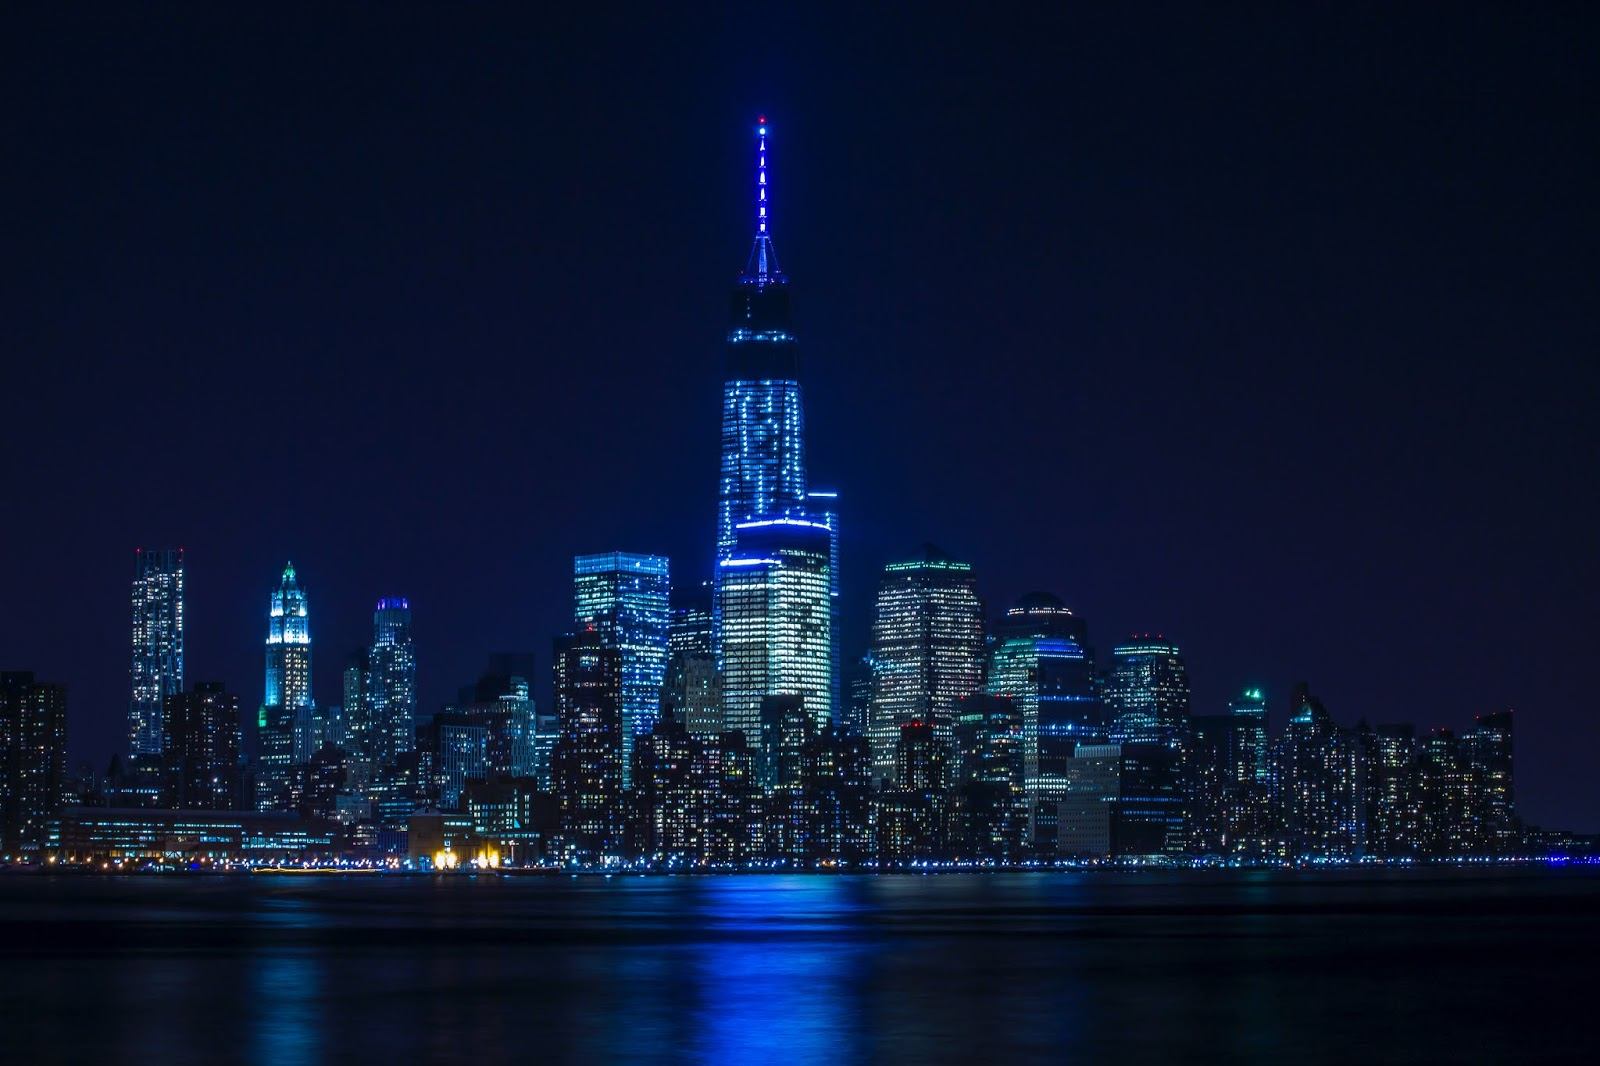 Mavi Işıklı Şehir Manzarası